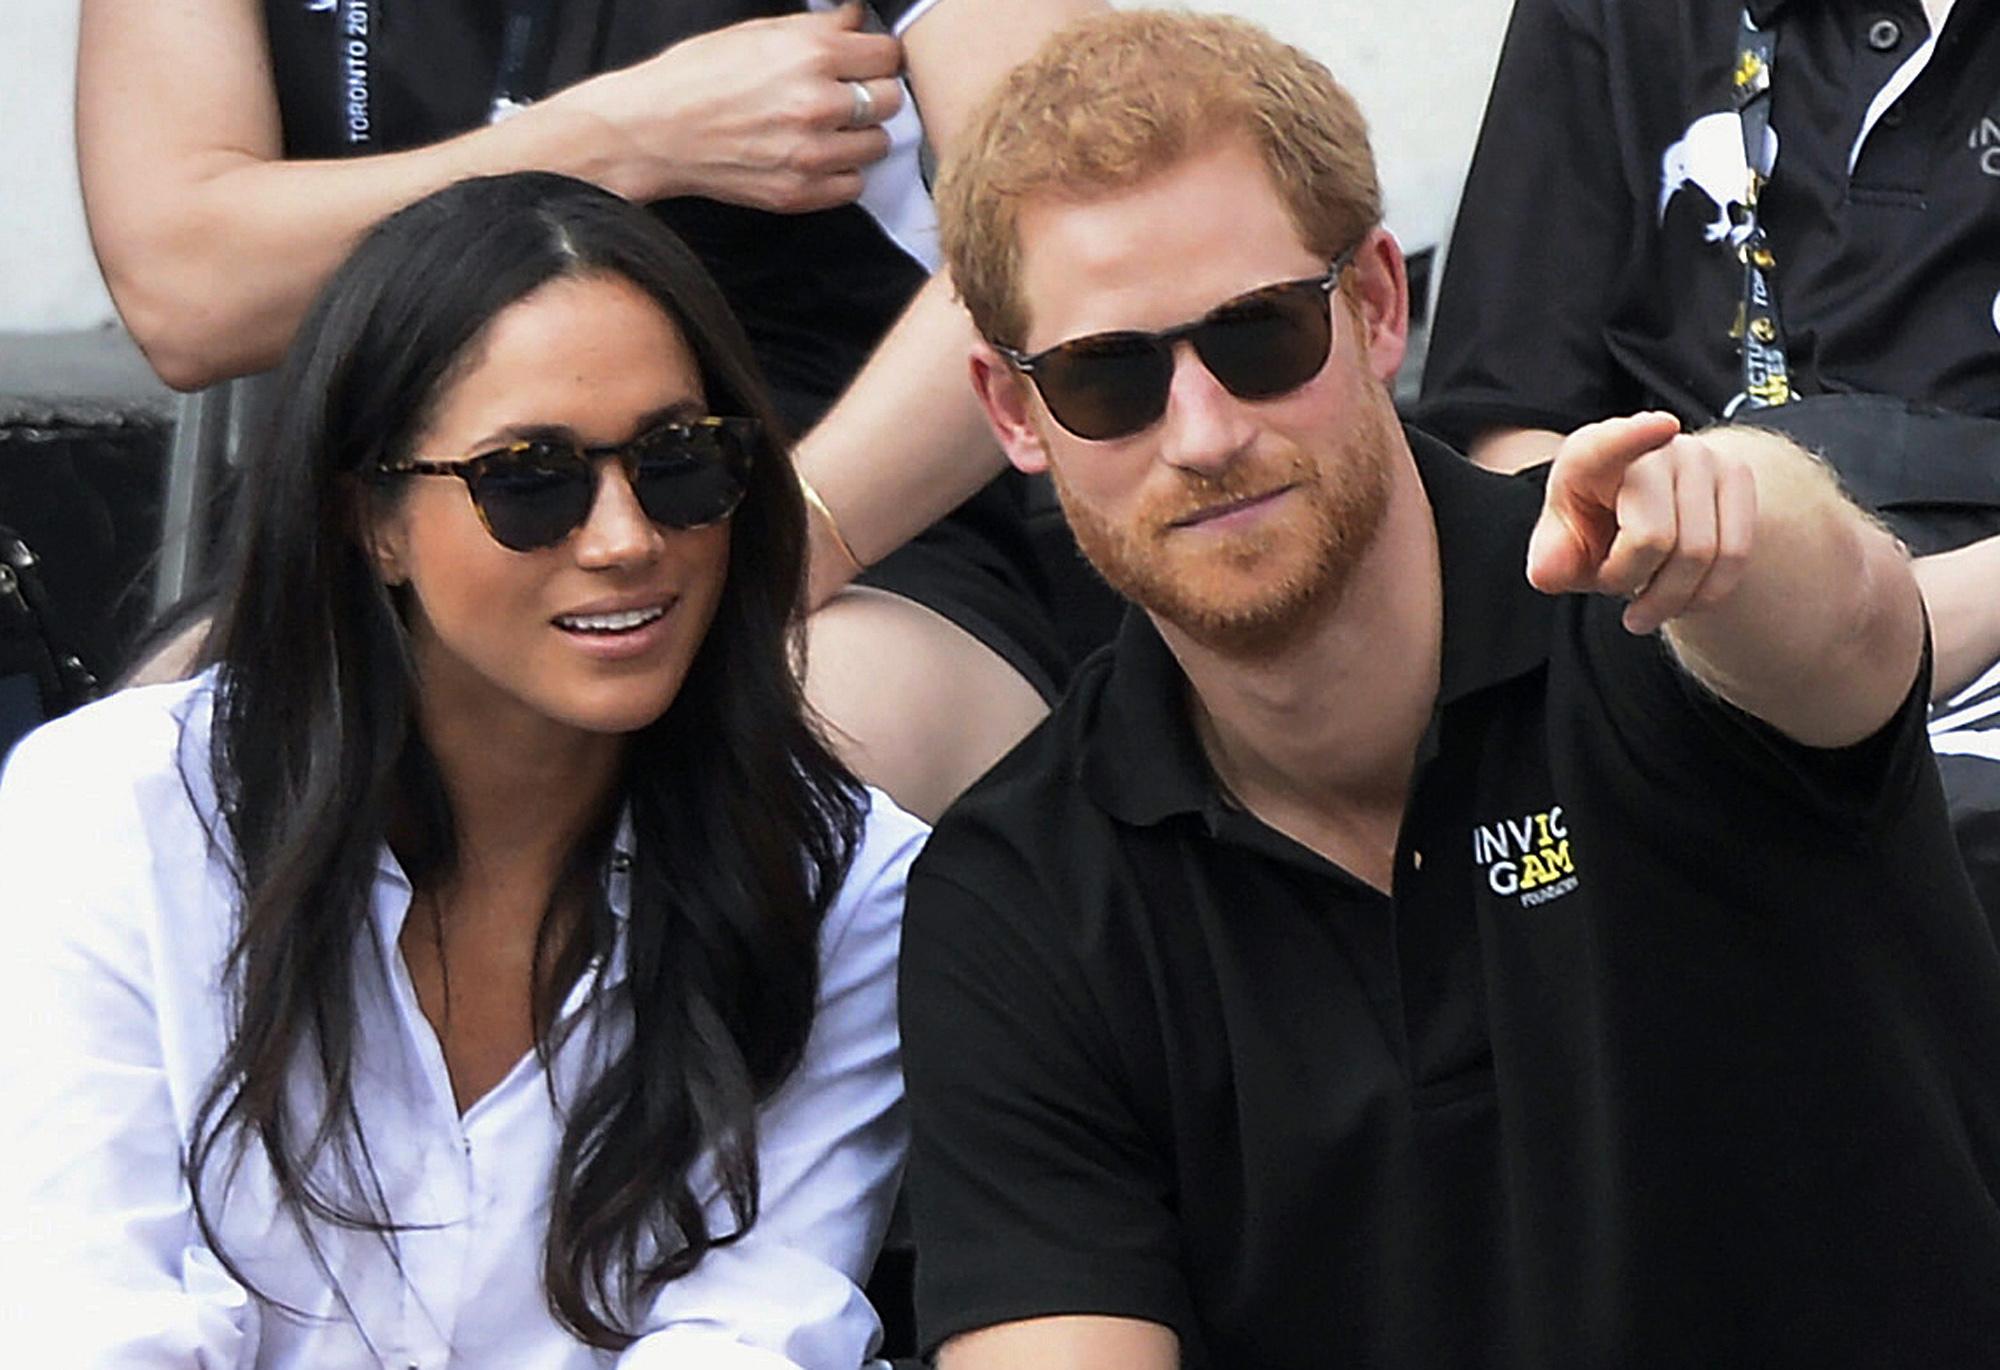 En septiembre de 2017 hicieron su primera aparición pública oficial como pareja durante el torneo tenis en silla de ruedas, Harry's Invictus Games, en Toronto. Se conocieron en Londres a través de amigos en julio de 2016. (Archivo)